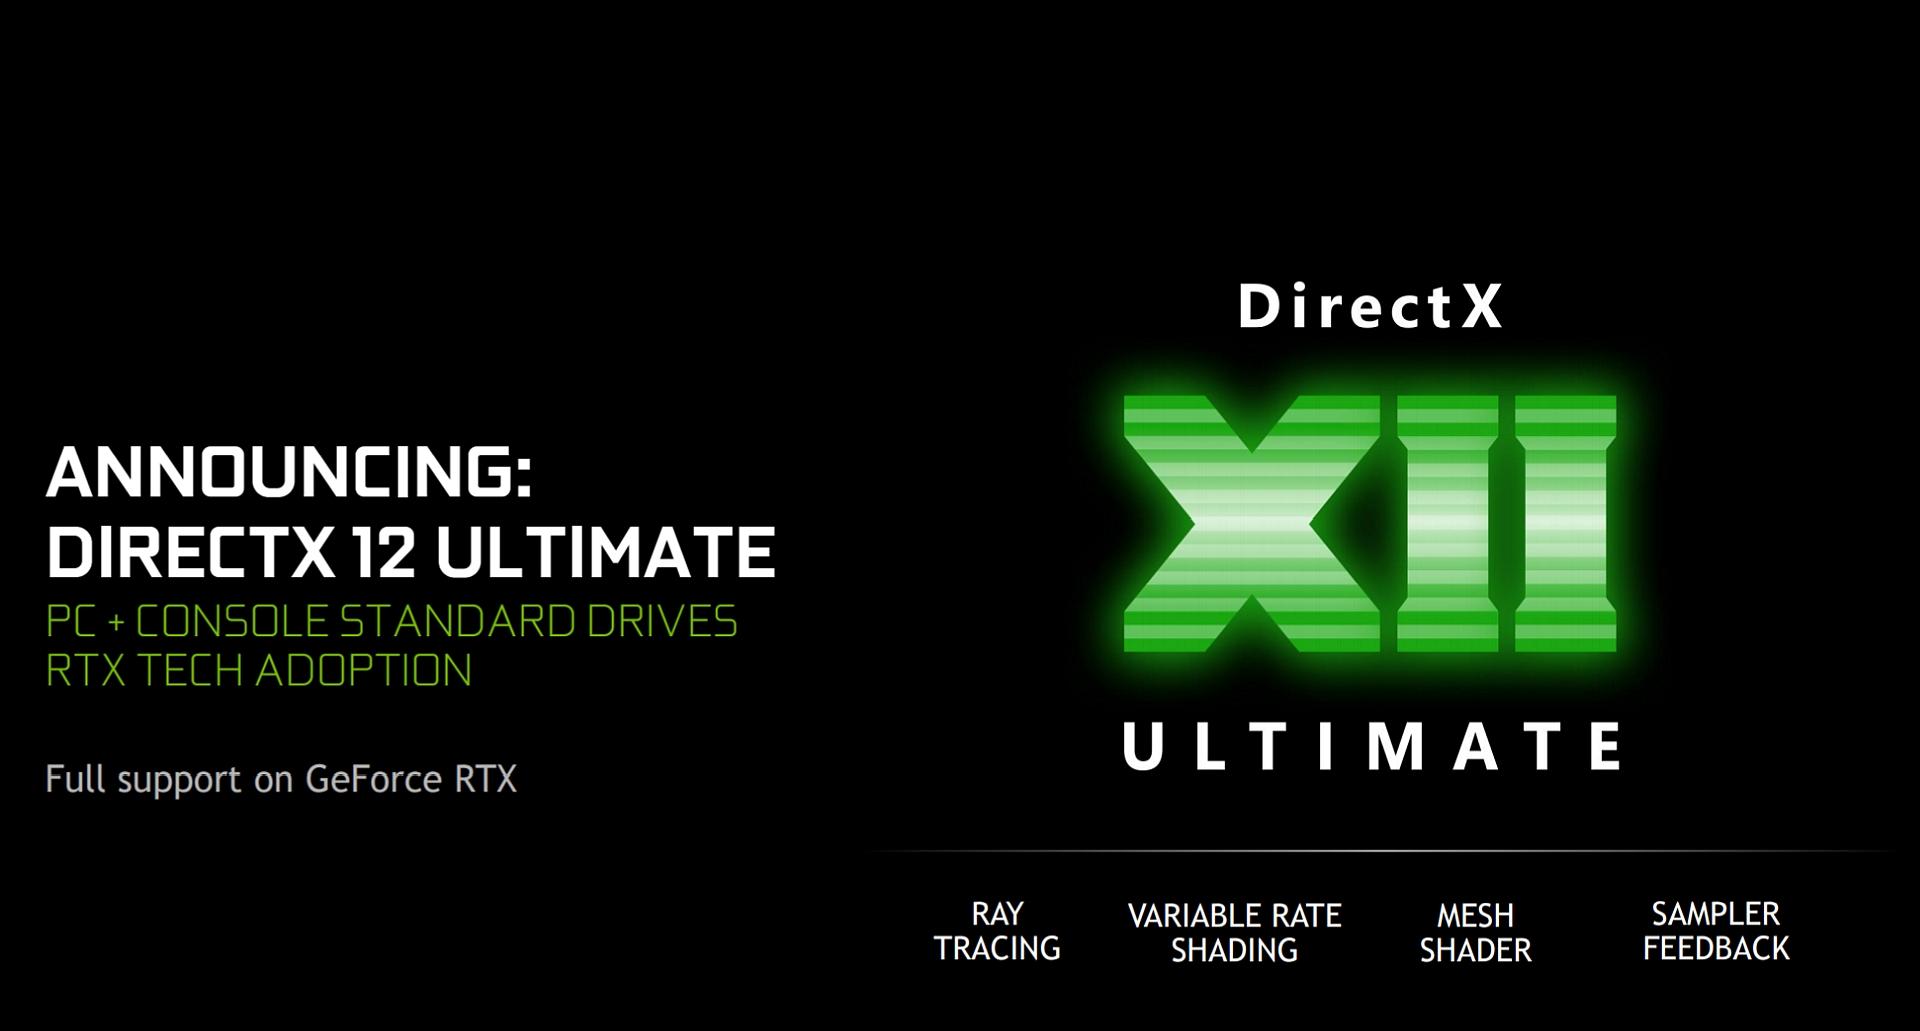 DirectX 12 Ultimate - это попытка Microsoft использовать унифицированную графику следующего поколения для ПК и консоли